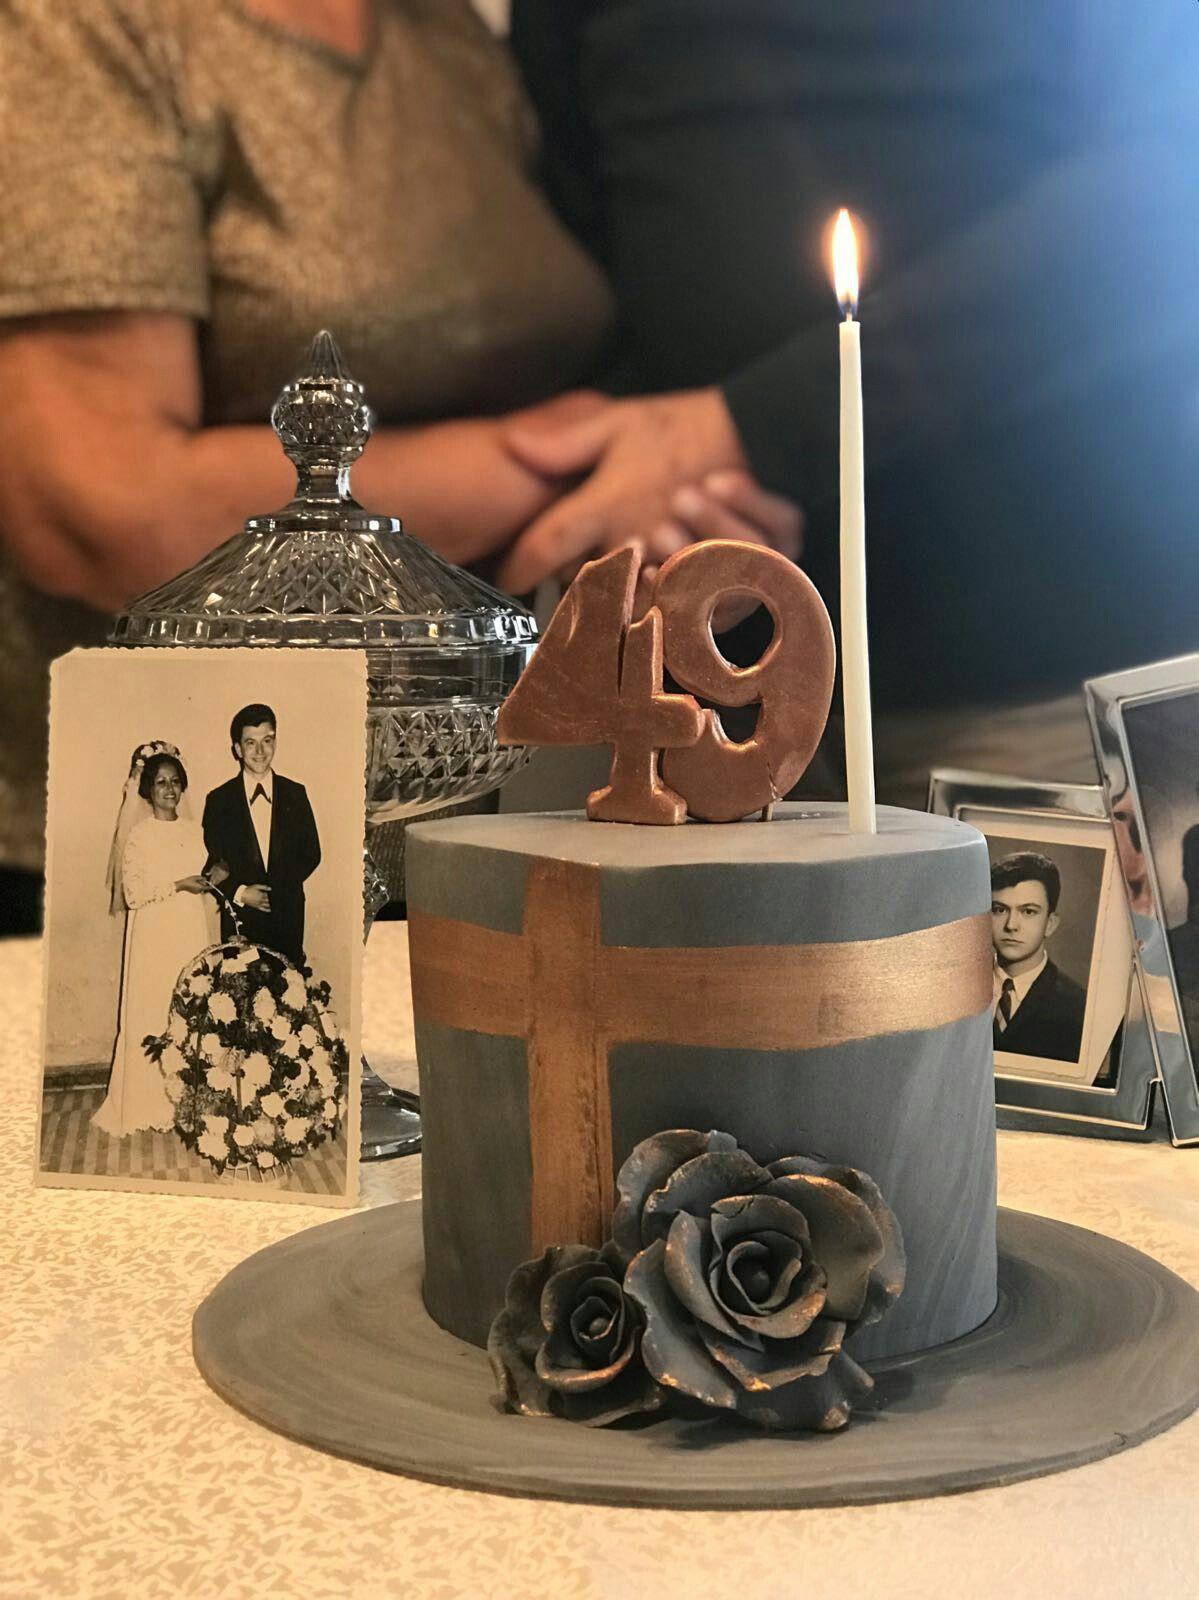 Wedding Anniversary Cake 49th Anniversary Yildonumu Pastasi Anniversarycake Anniversary Weddingca 49th Anniversary Anniversary Cake Wedding Anniversary Cake